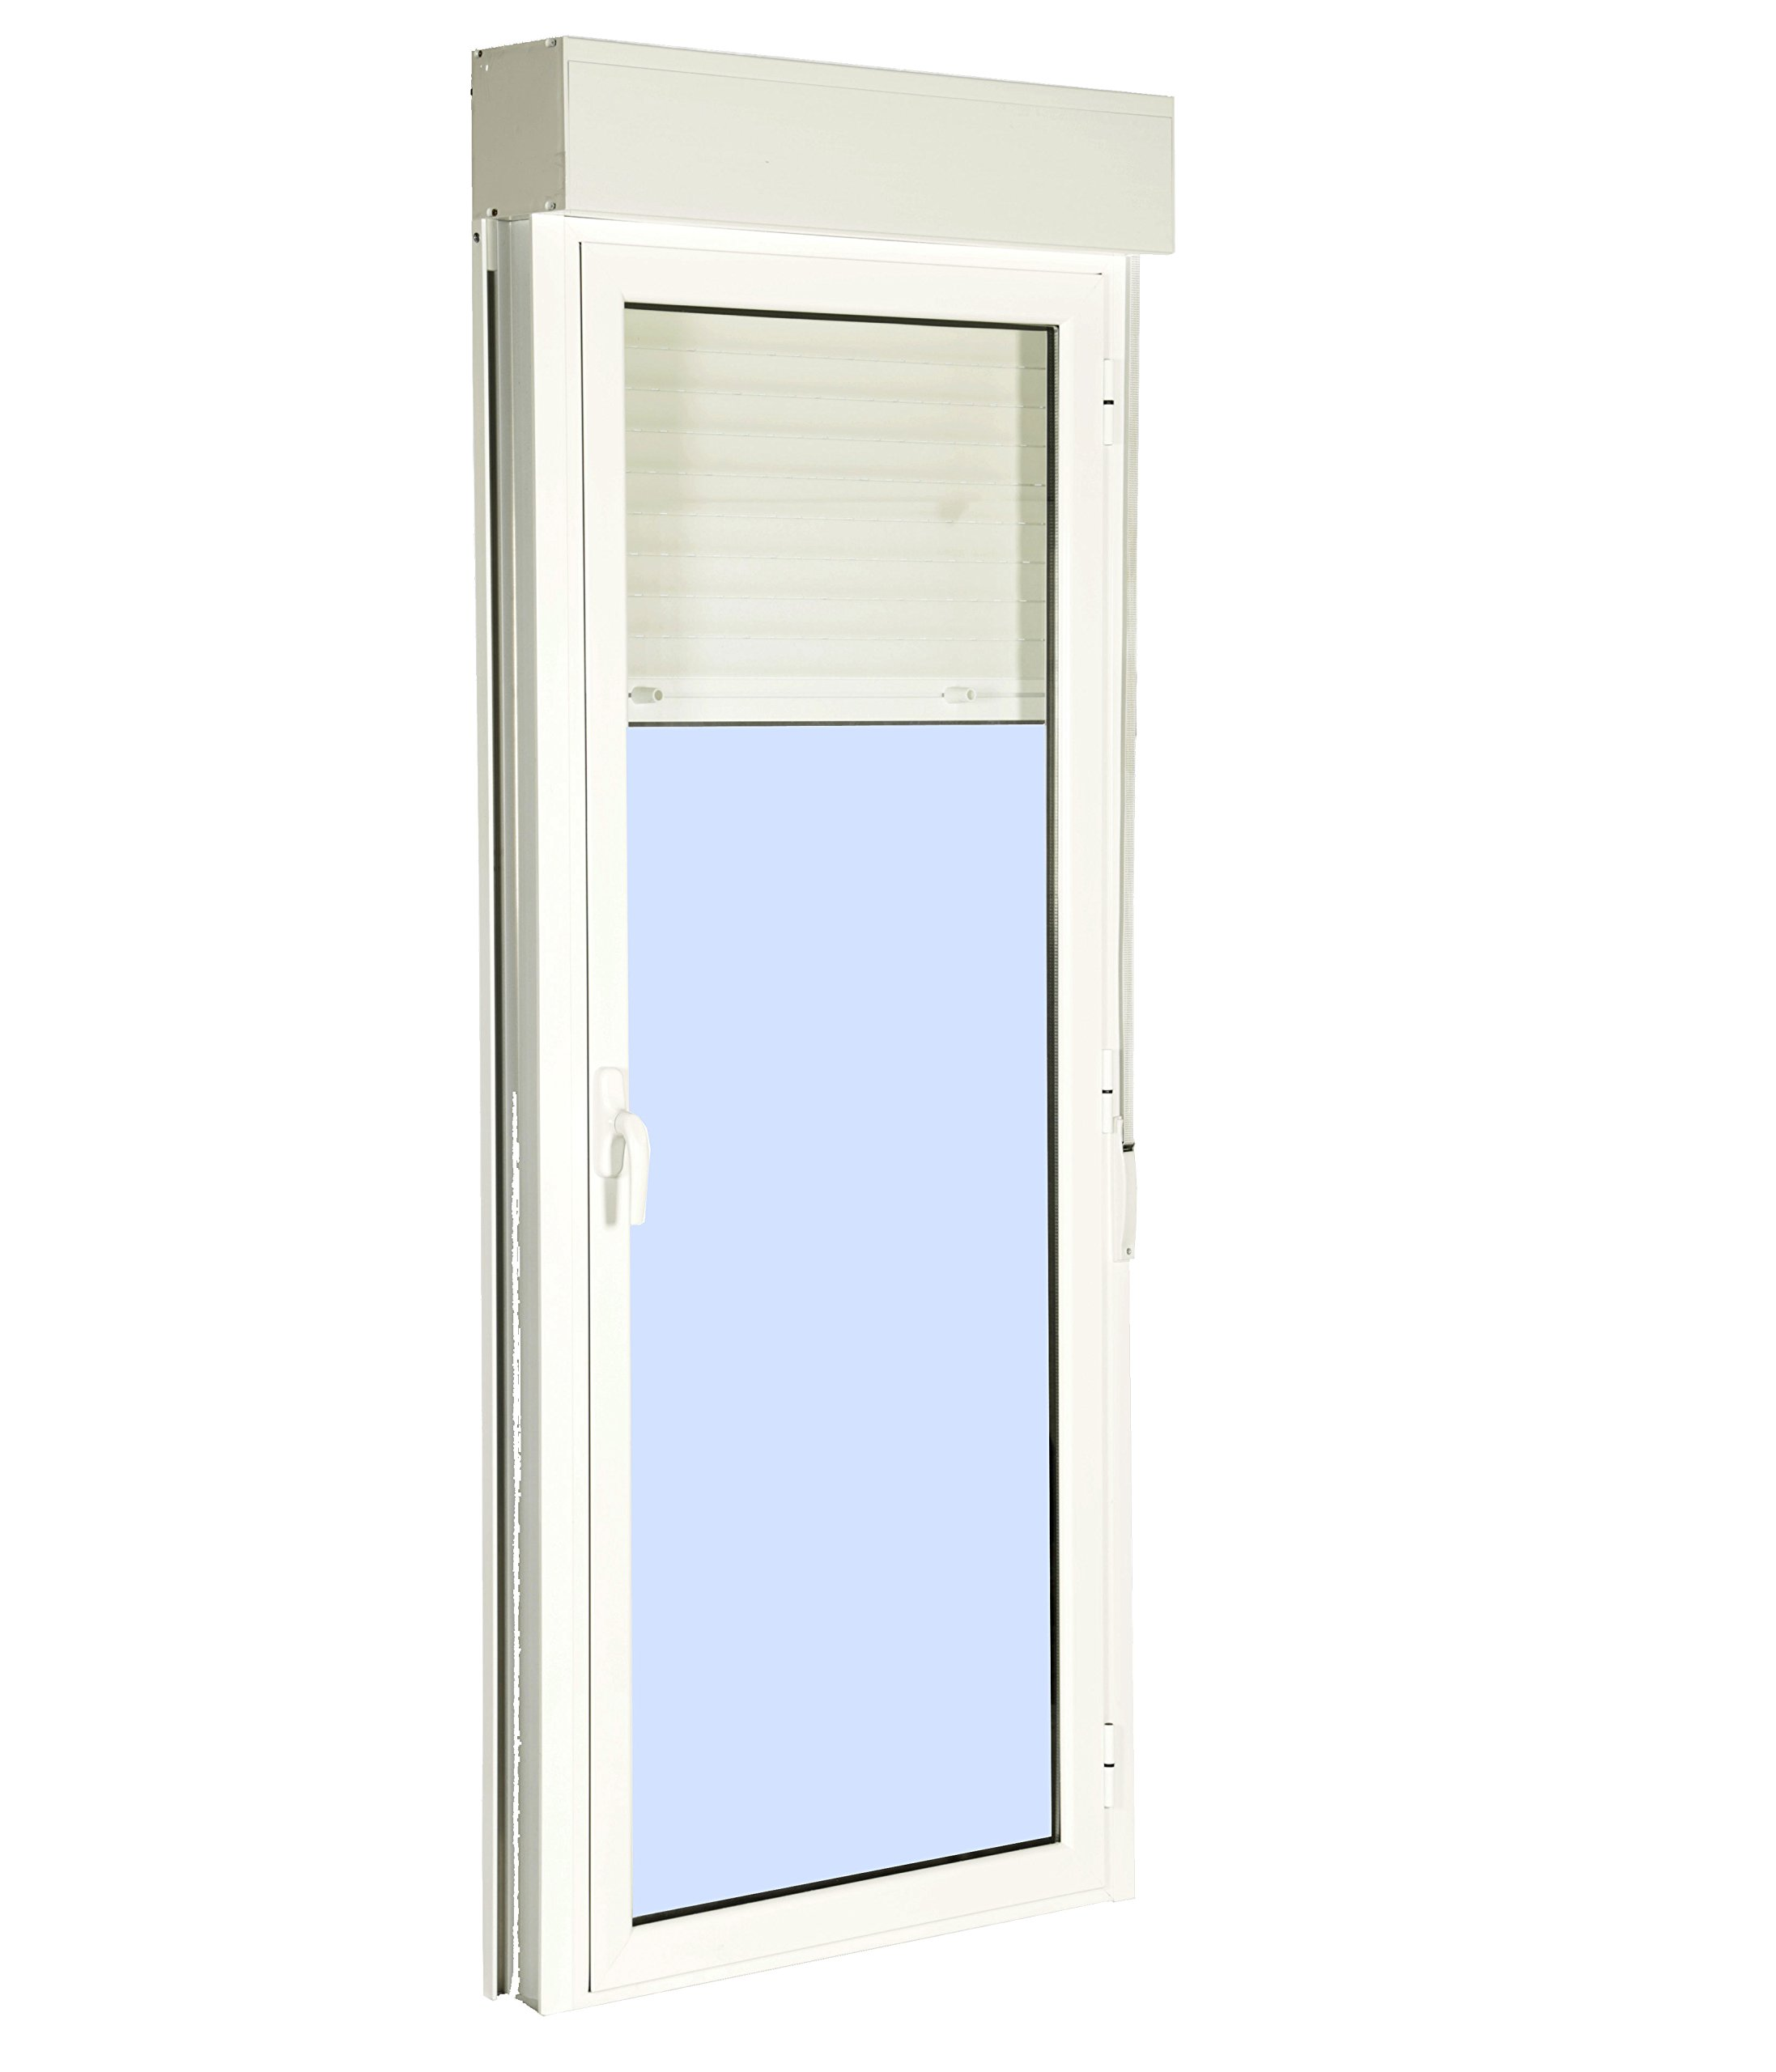 Puerta Balconera Aluminio Practicable Derecha Con Persiana PVC 880 ancho x 2185 alto 1 hoja (guías y cajón persiana en kit): Amazon.es: Bricolaje y herramientas